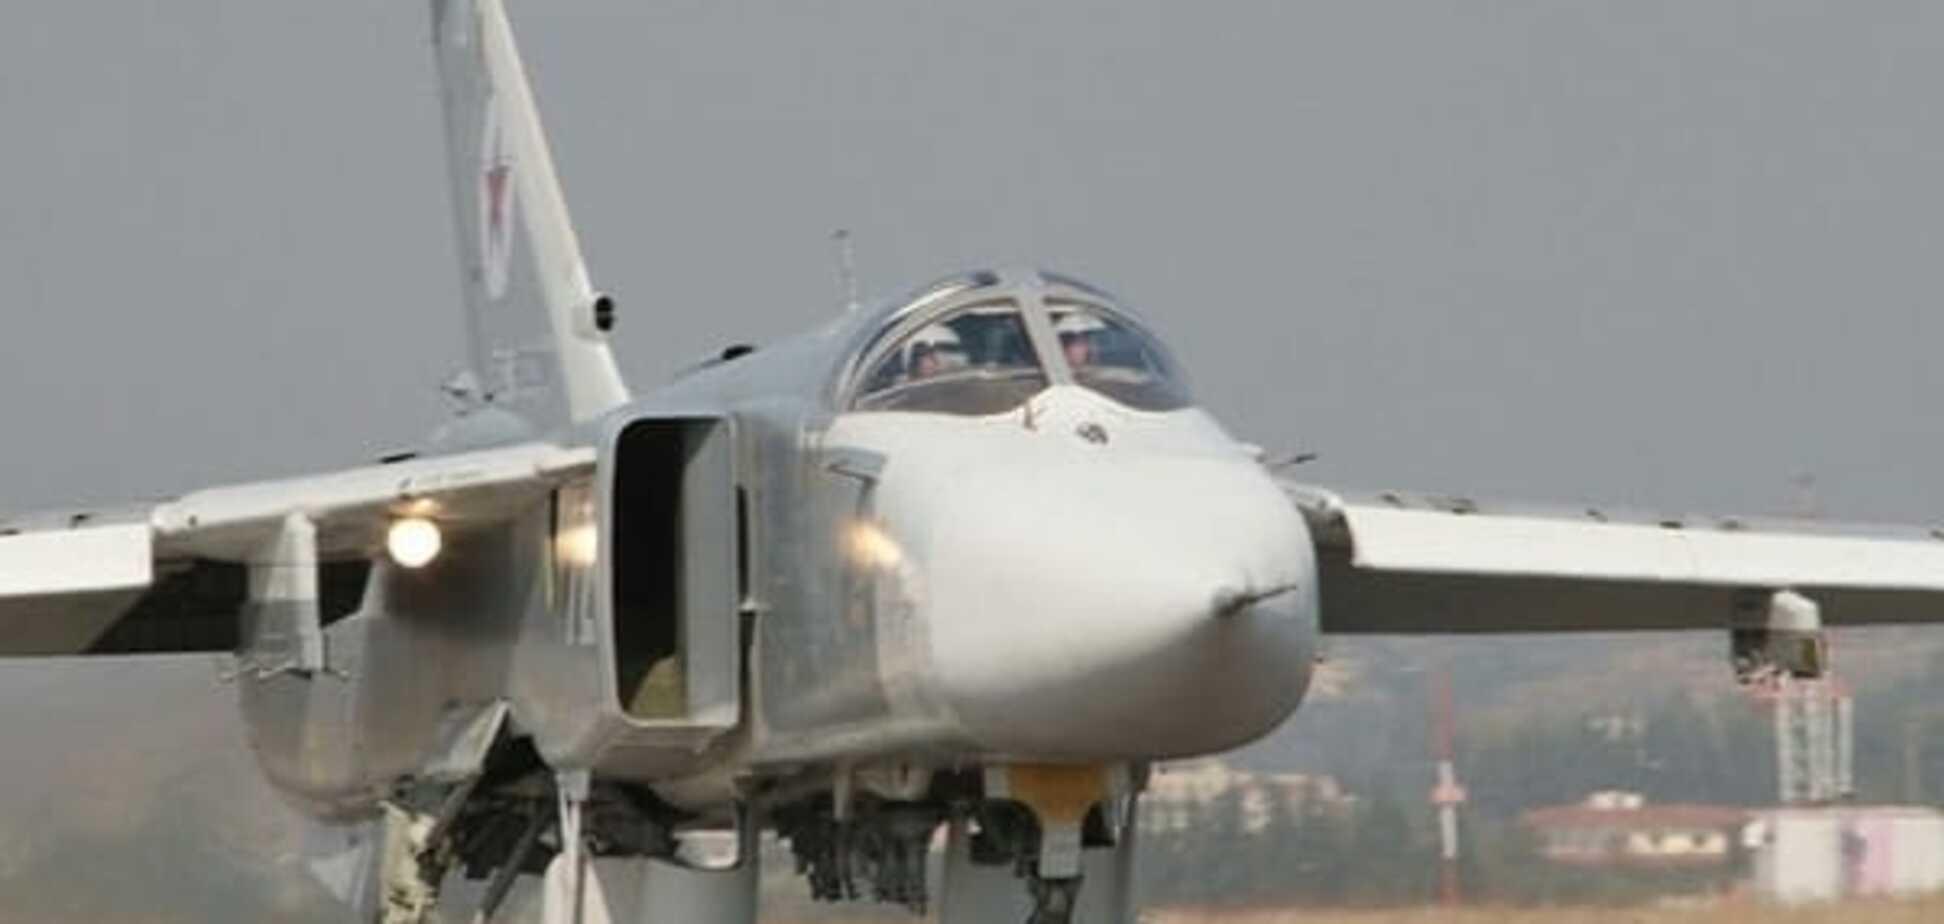 Турецьких пілотів підставили: Росія назвала справжнього винуватця катастрофи Су-24